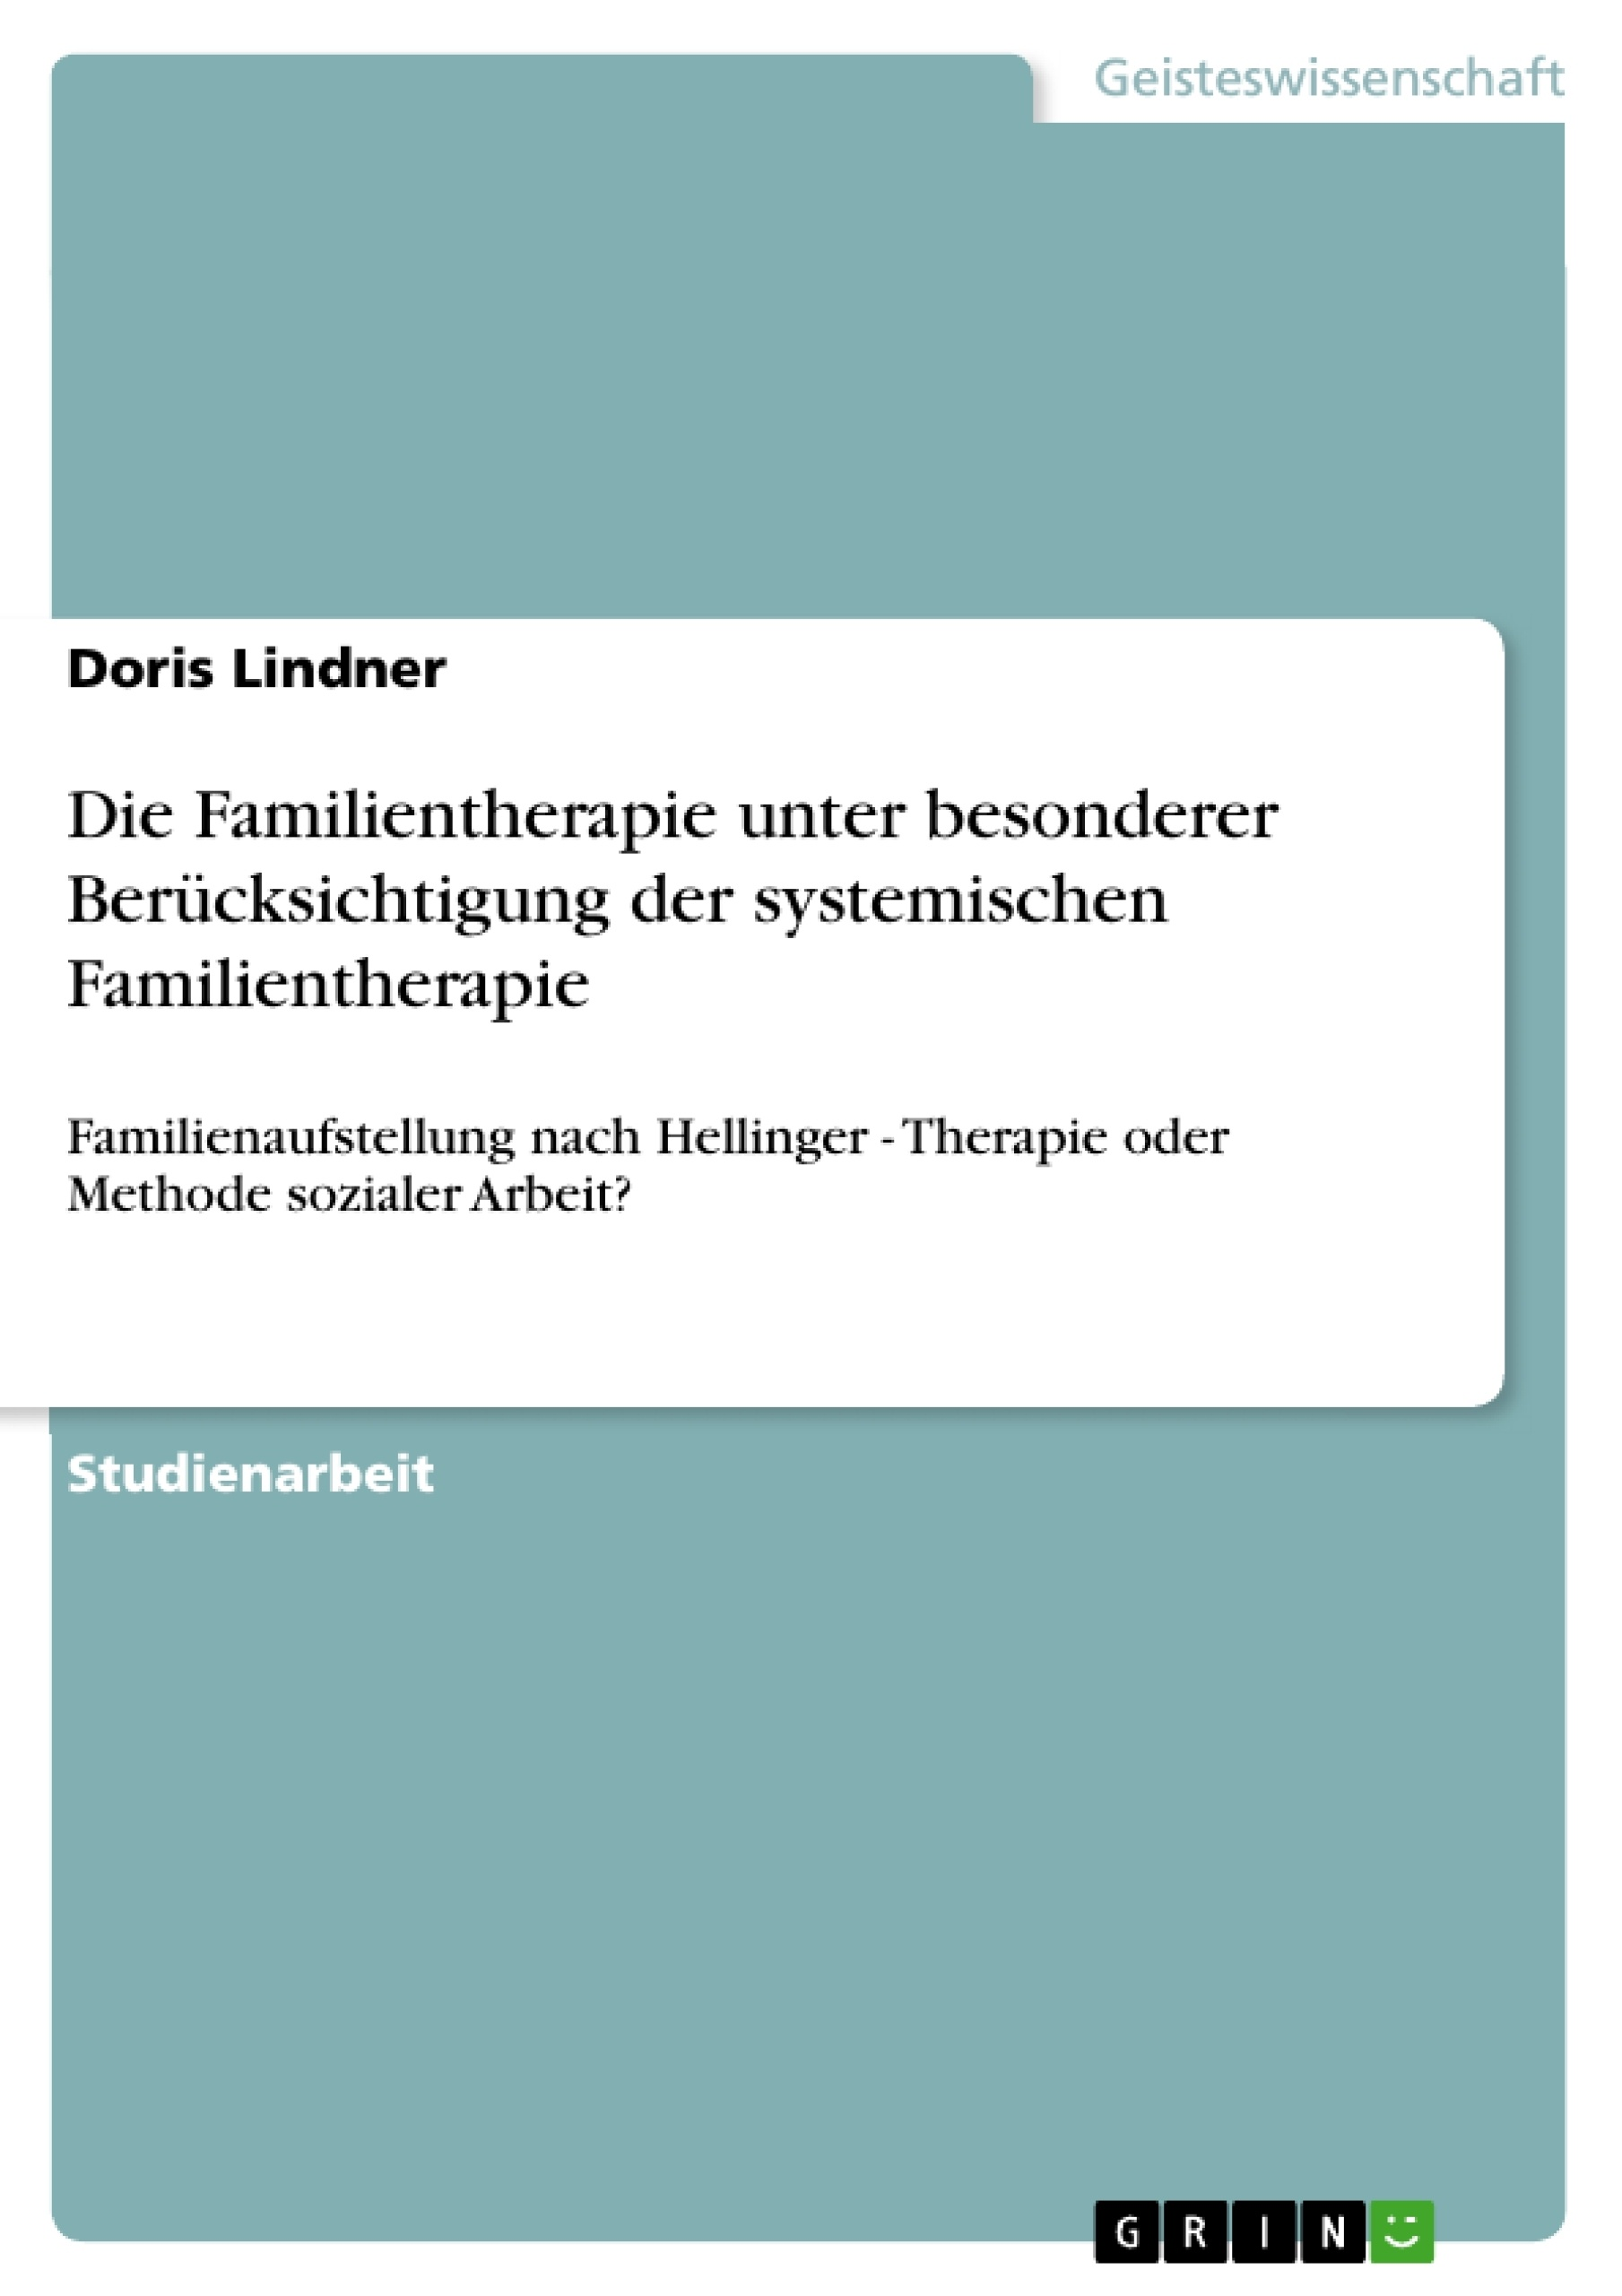 Titel: Die Familientherapie unter besonderer Berücksichtigung der systemischen Familientherapie